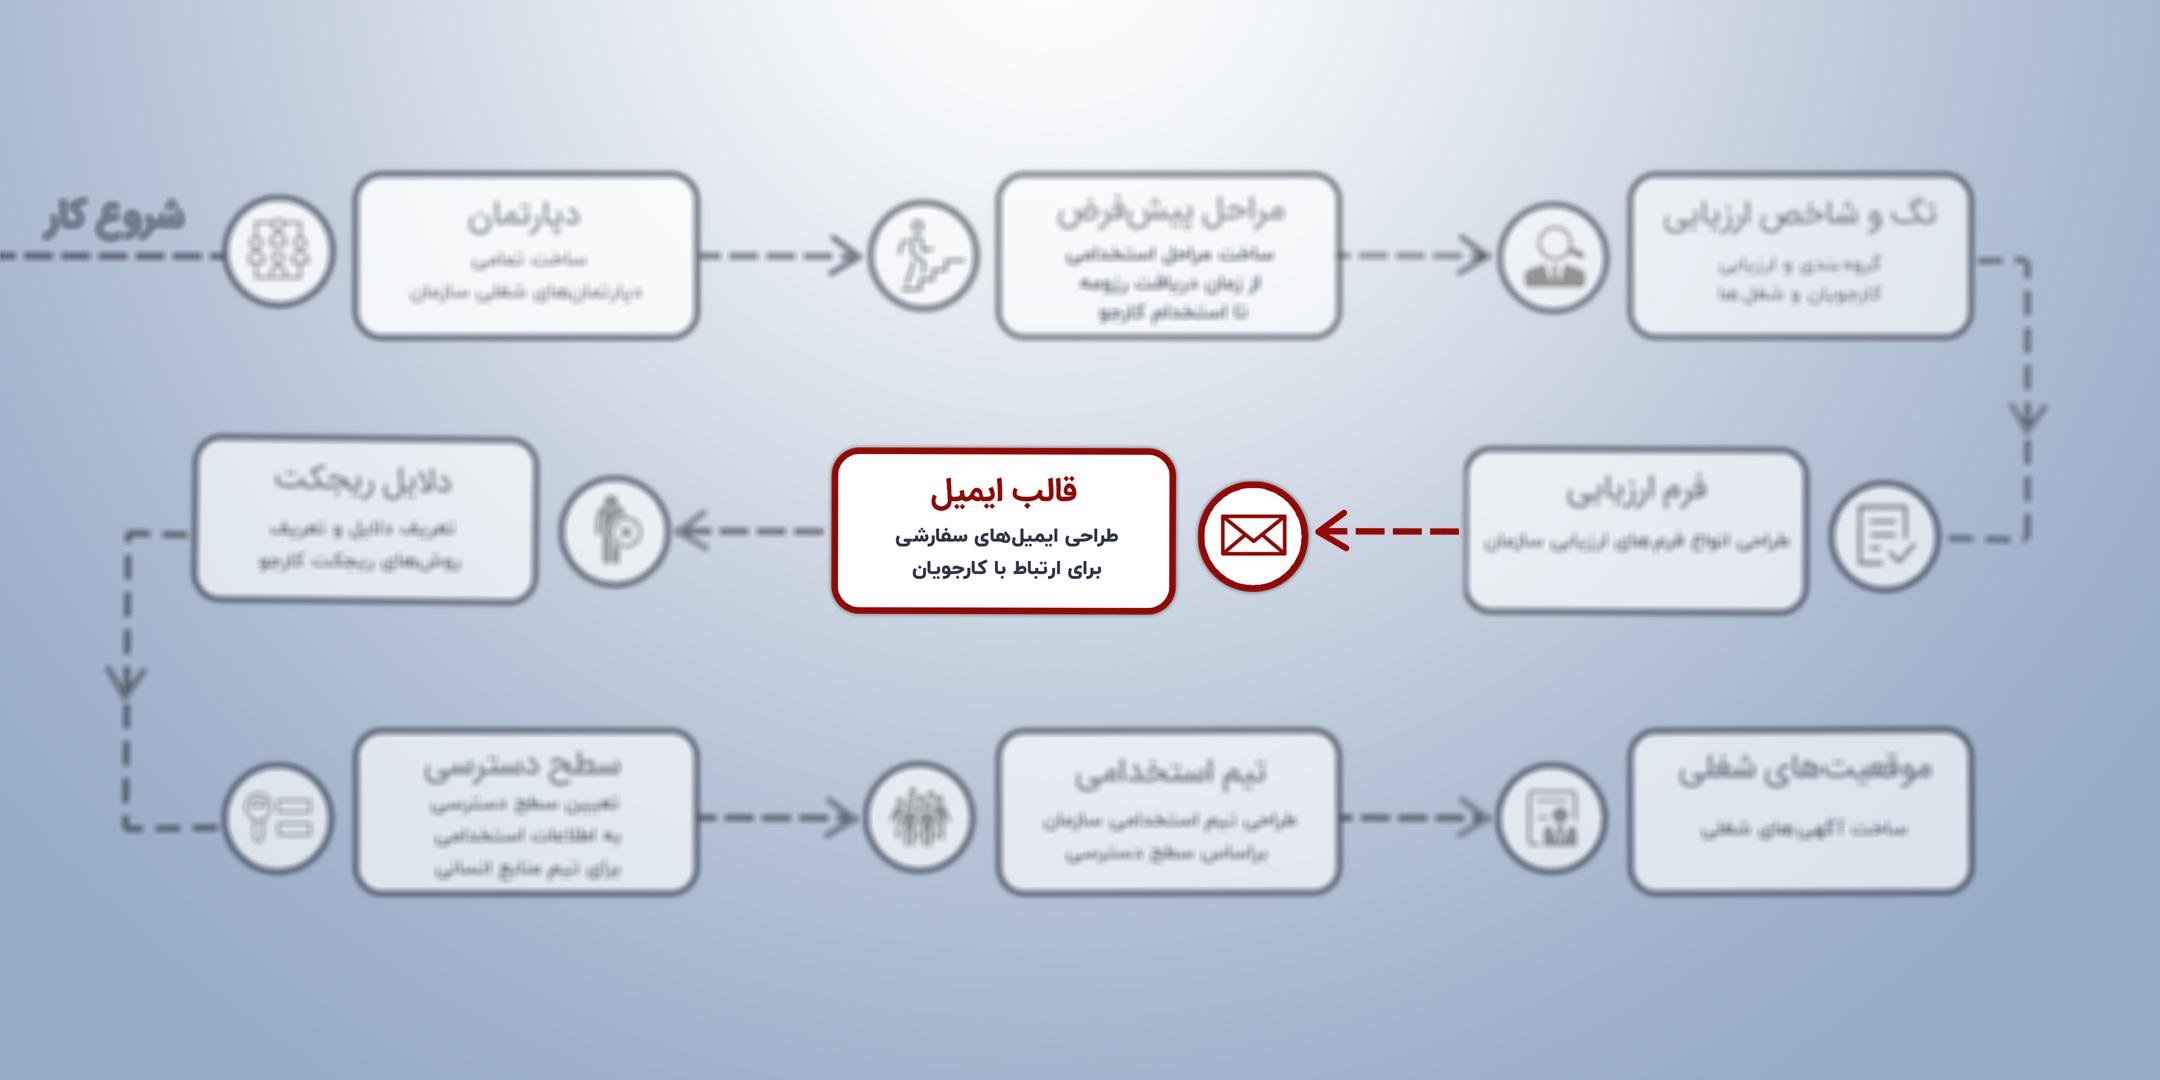 اینفوگرافیک طراحی قالب ایمیل در آدیلار